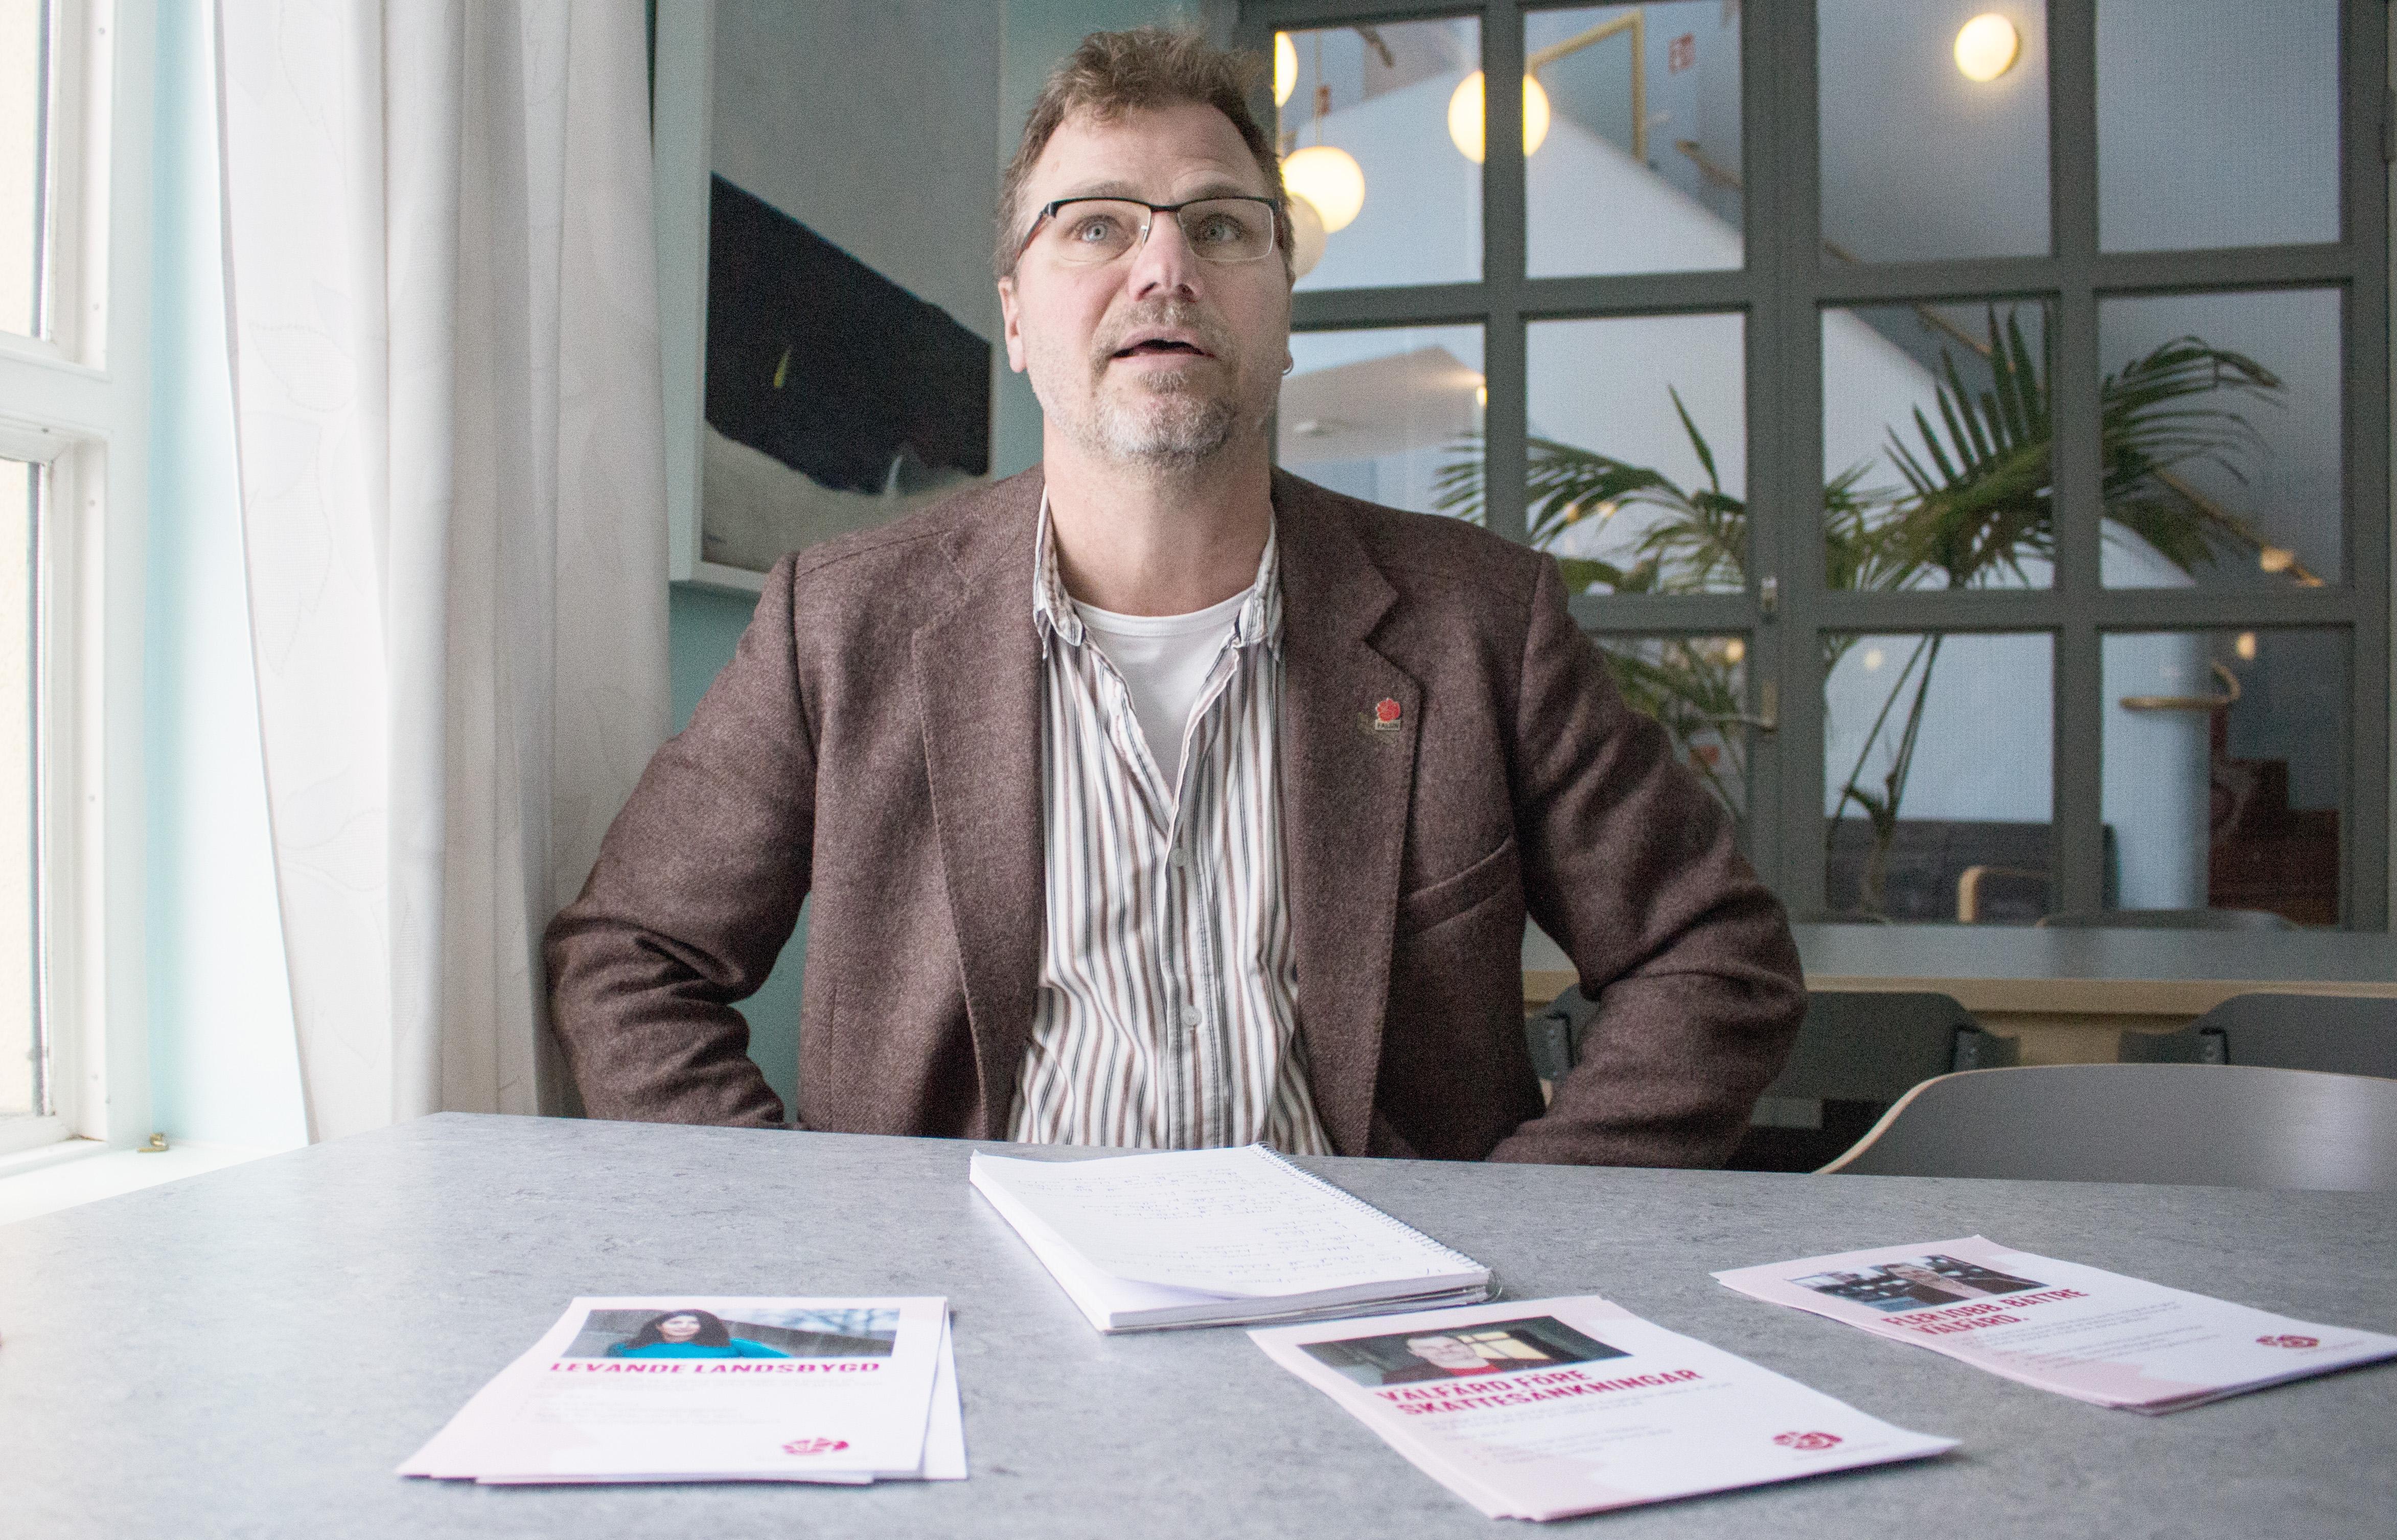 Jonas Lennerthson (S) uttalar sig inte om hur partiet vill prioritera om för att klara satsningar. Han har inte den insynen i ekonomin, säger Lennerthson.